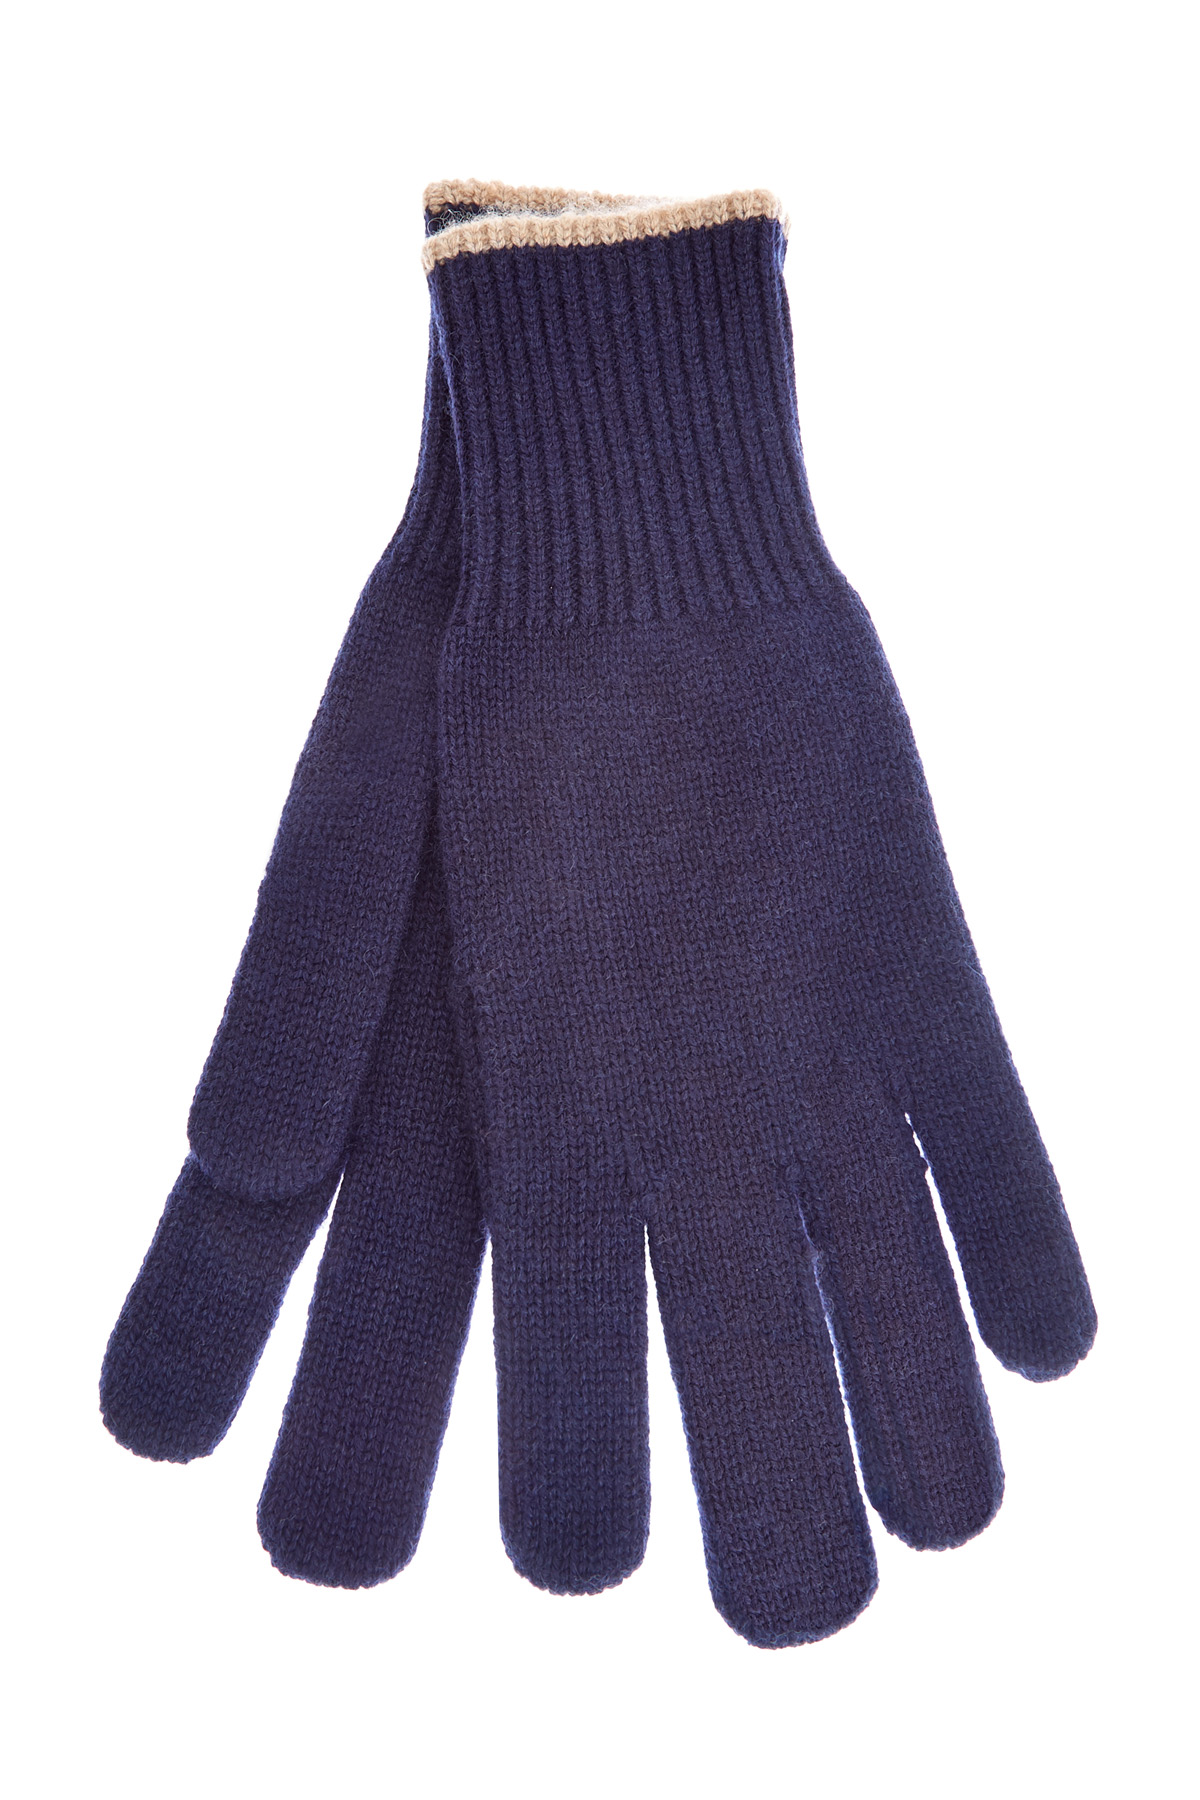 Кашемировые перчатки в технике эластичной вязки